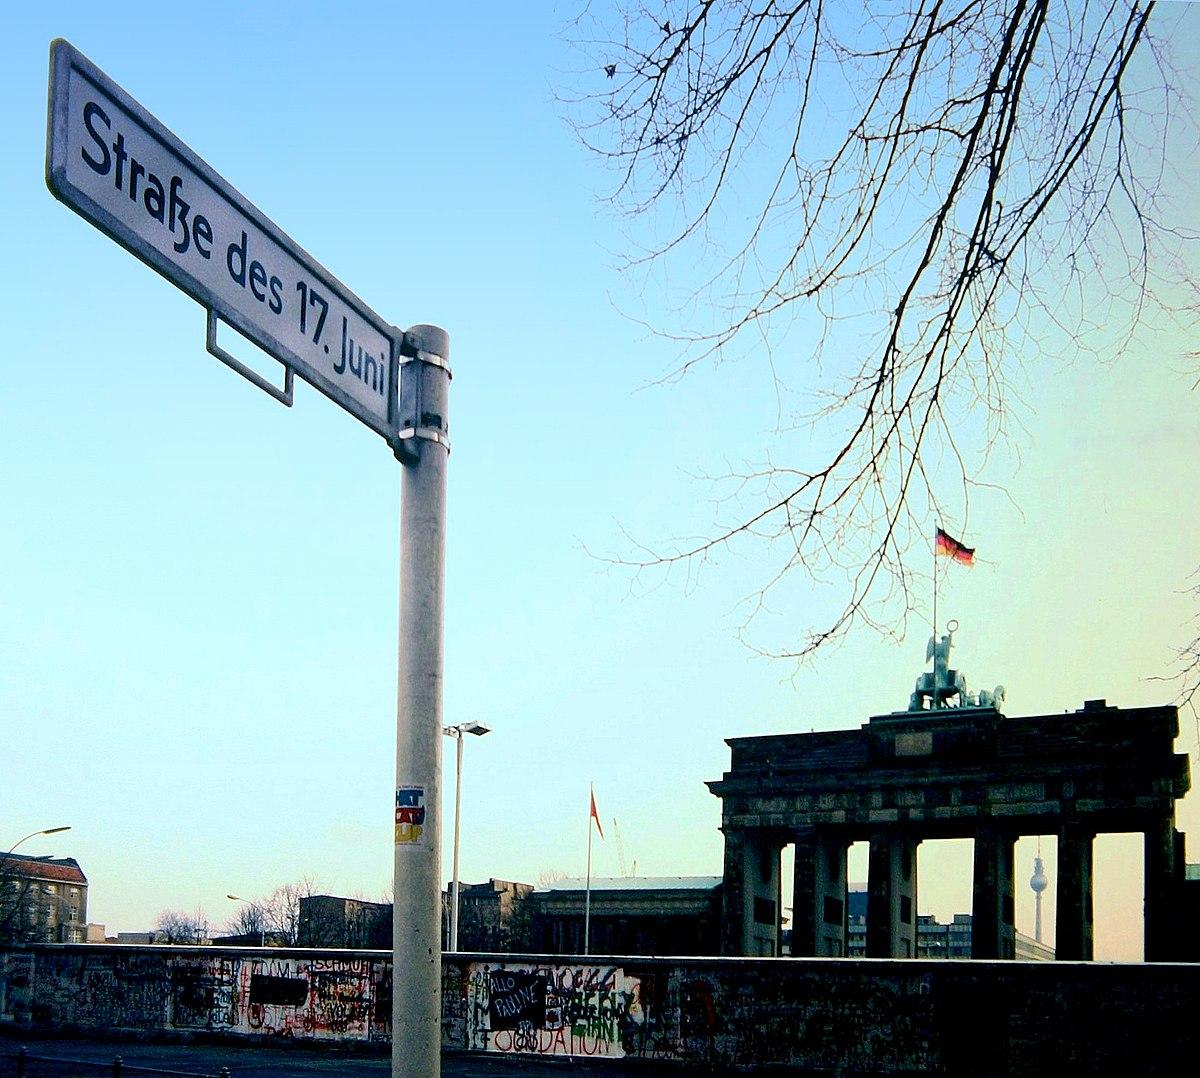 Straße des 17. Juni mit Blick auf die Mauer vor dem Brandenburger Tor, 1988.JPG